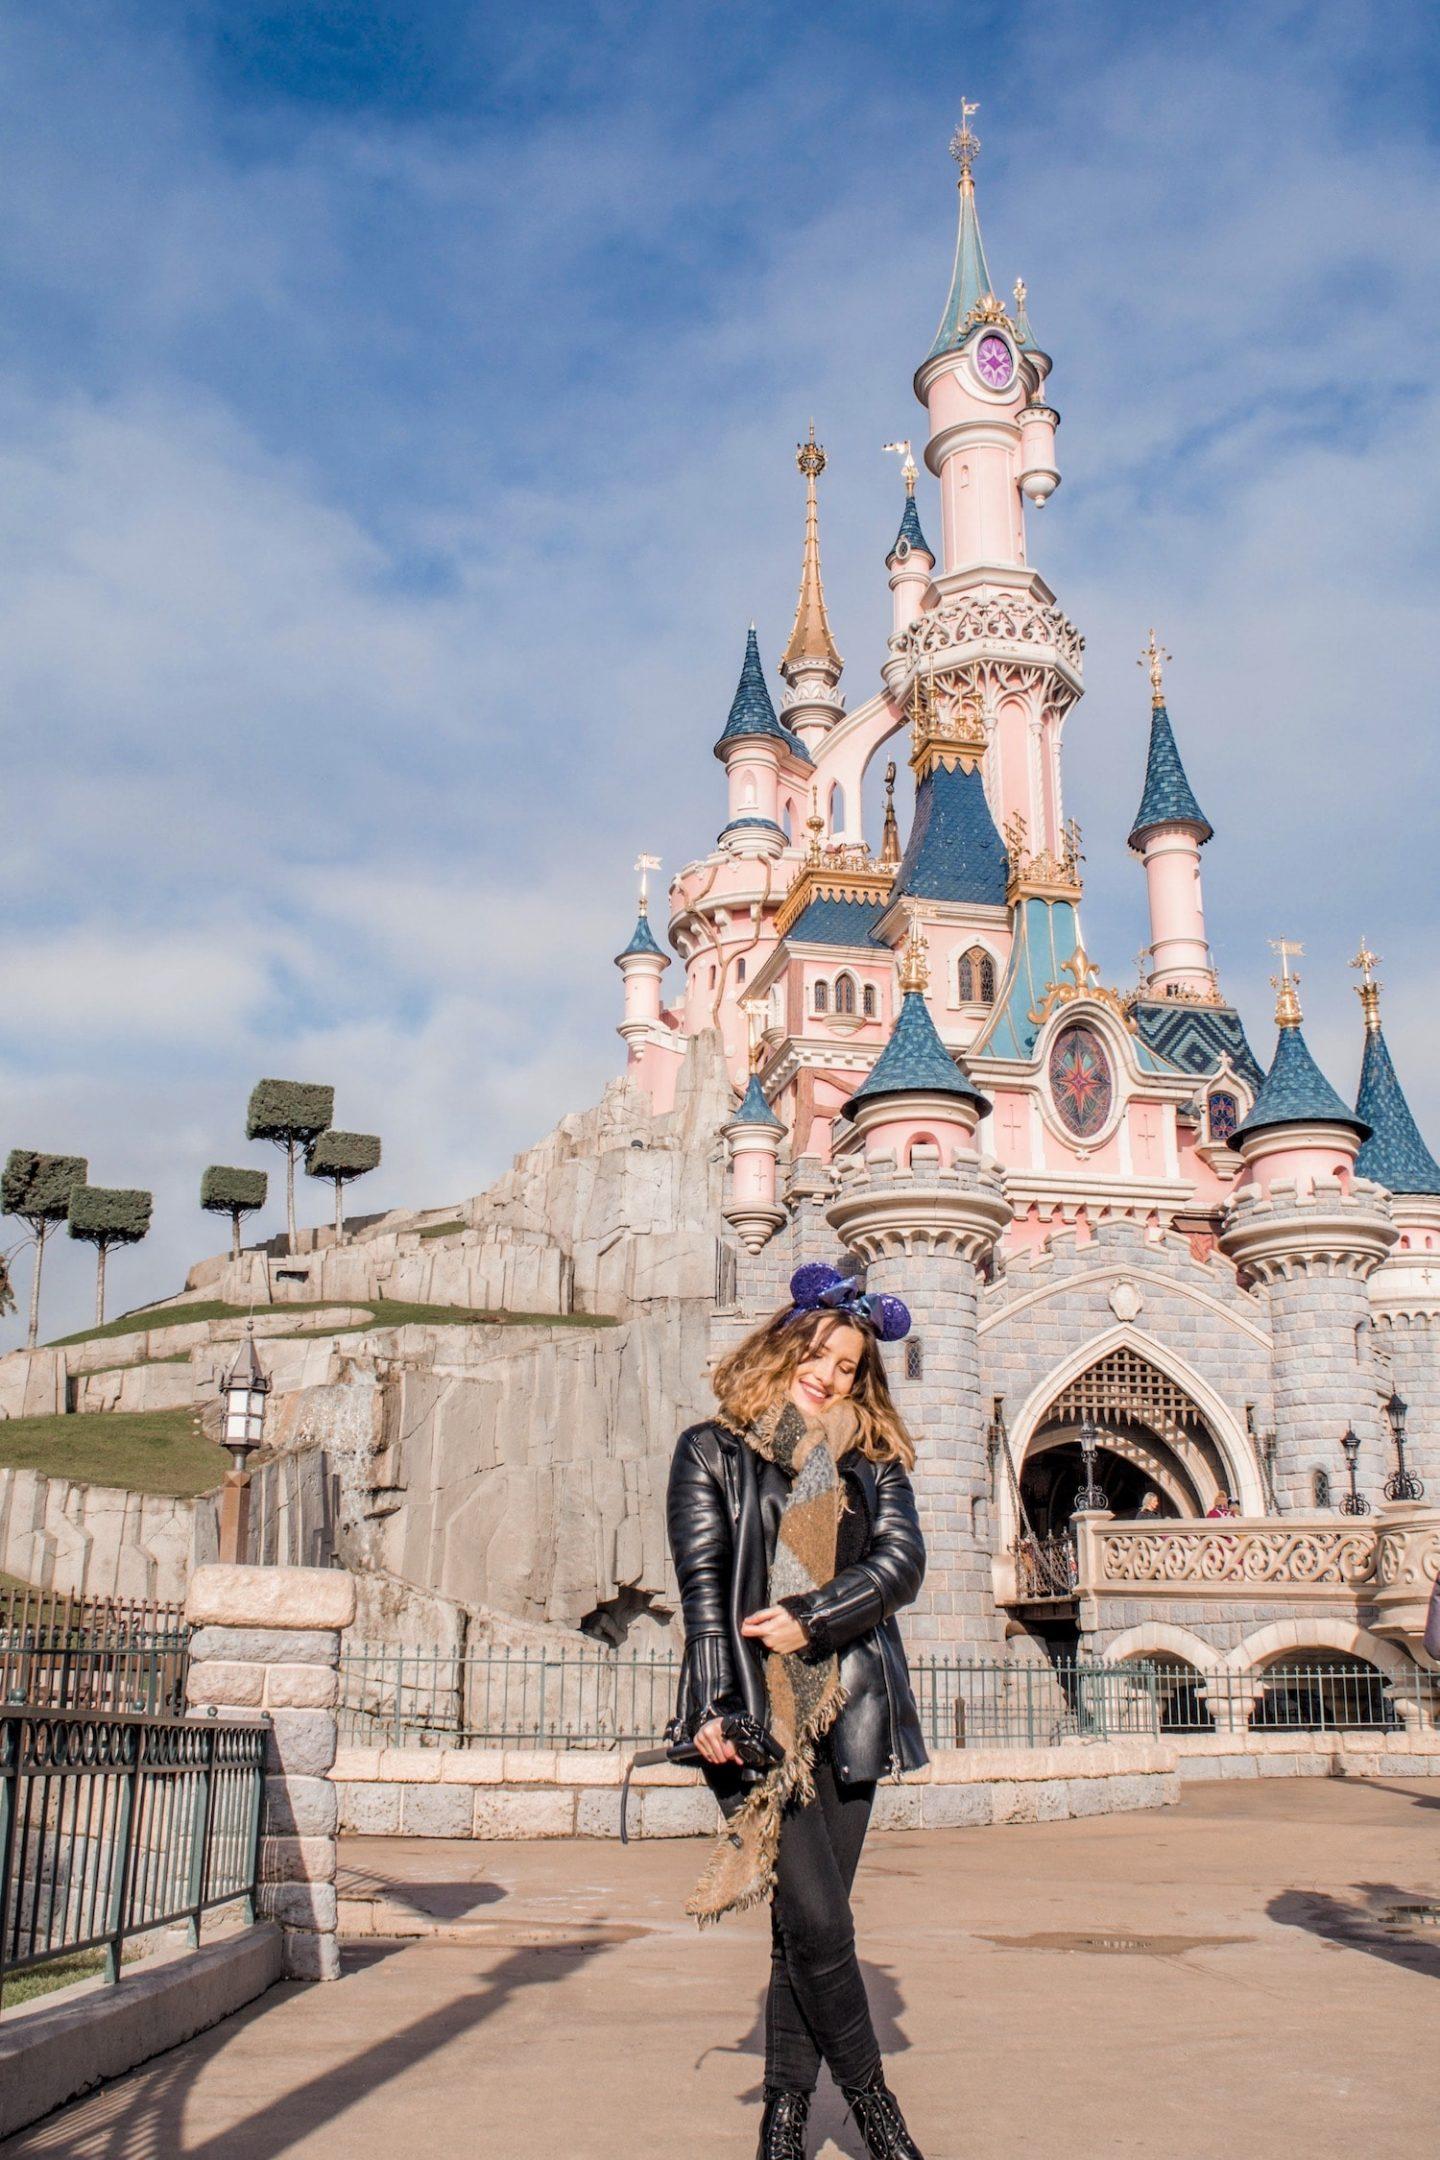 Quelle tenue porter pour les vacances de février quand on va dans un parc d'attractions à Disneyland Paris ? - happinesscoco.com